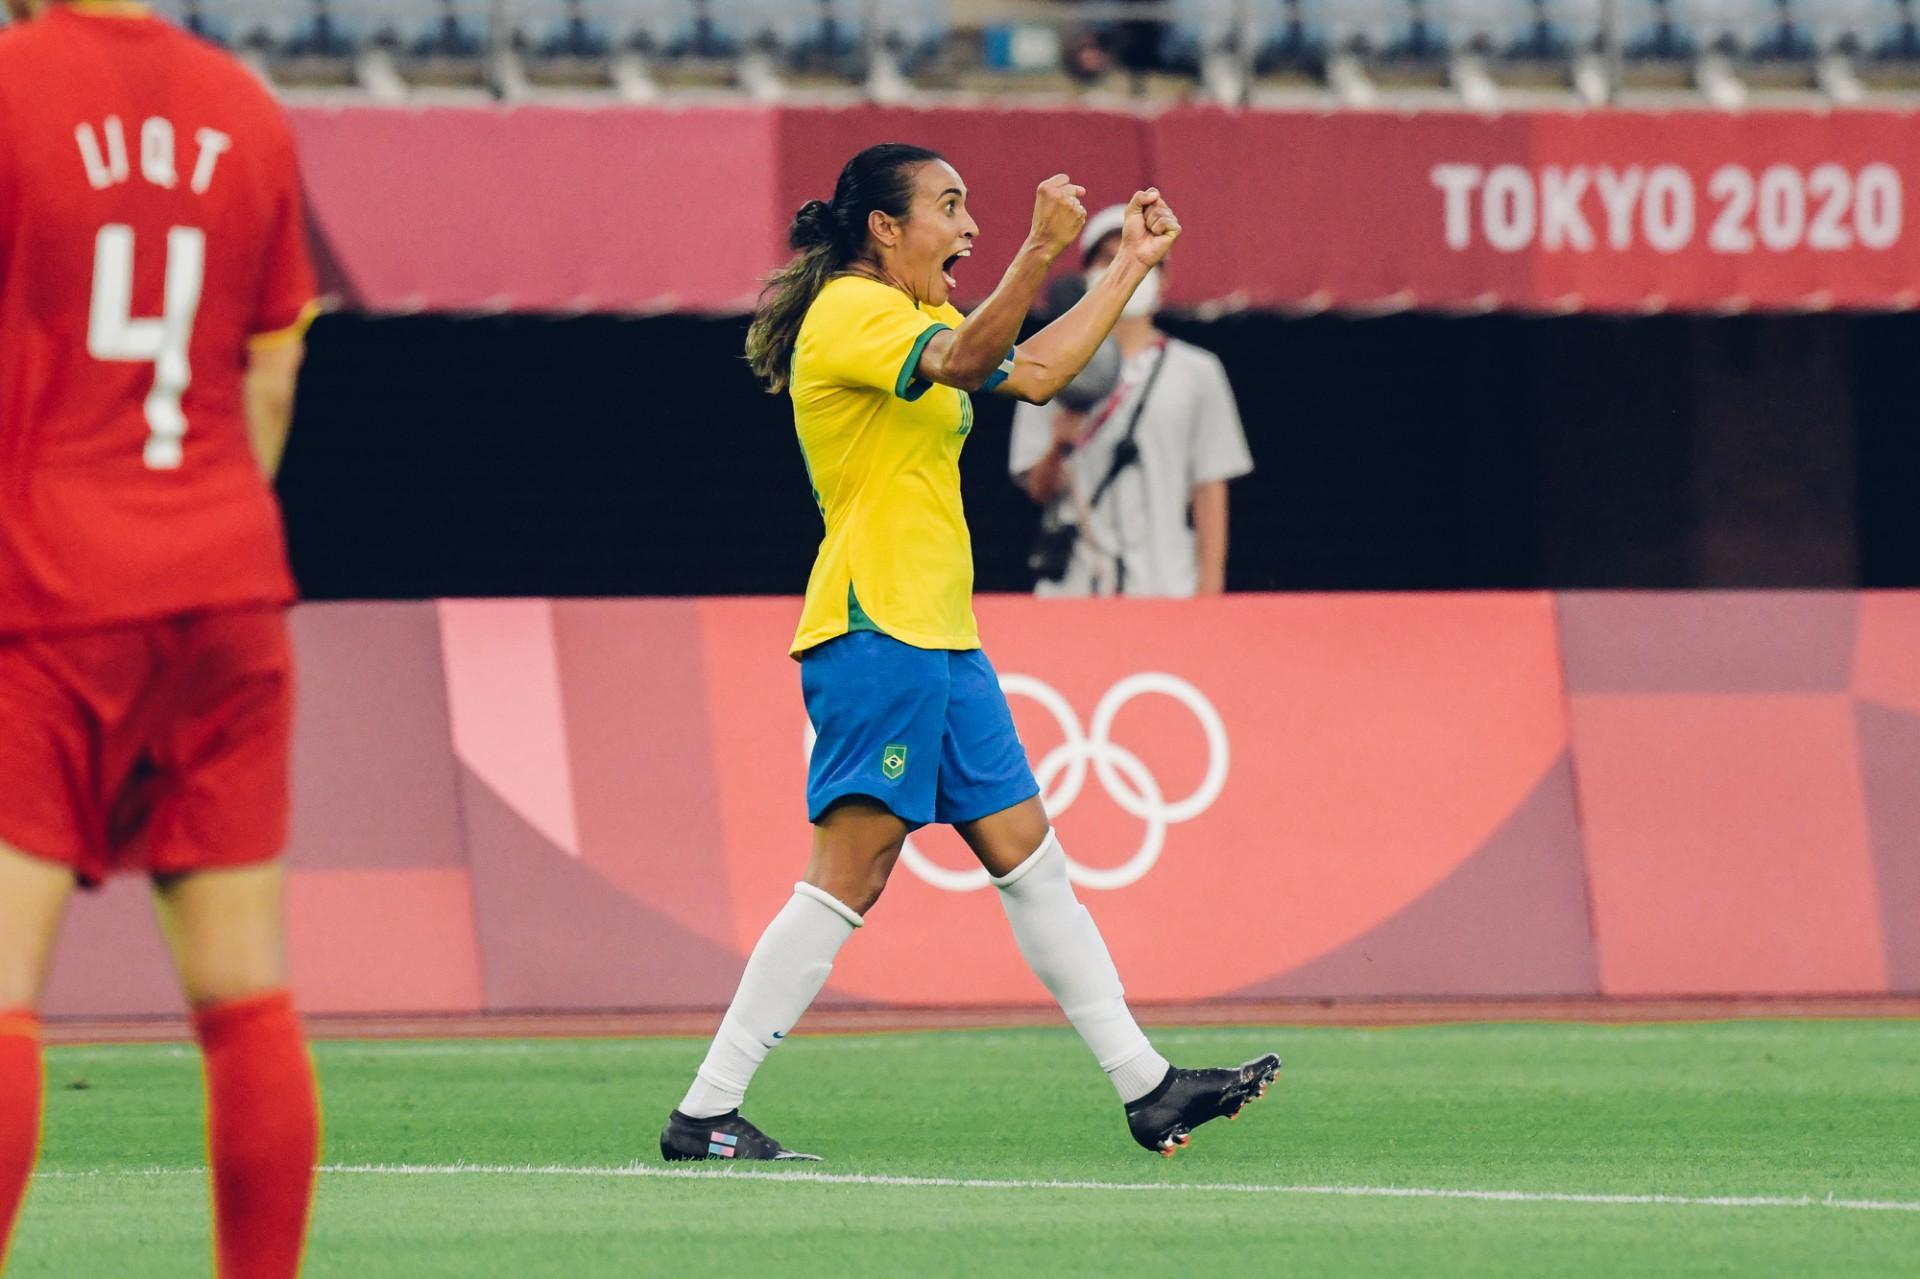 Marta comemora gol na vitória do Brasil sobre a China na abertura do torneio de futebol feminino na Olimpíada de Tóquio, em Miyagi. 21/7/2021 (Foto: SAM ROBLES / CBF)